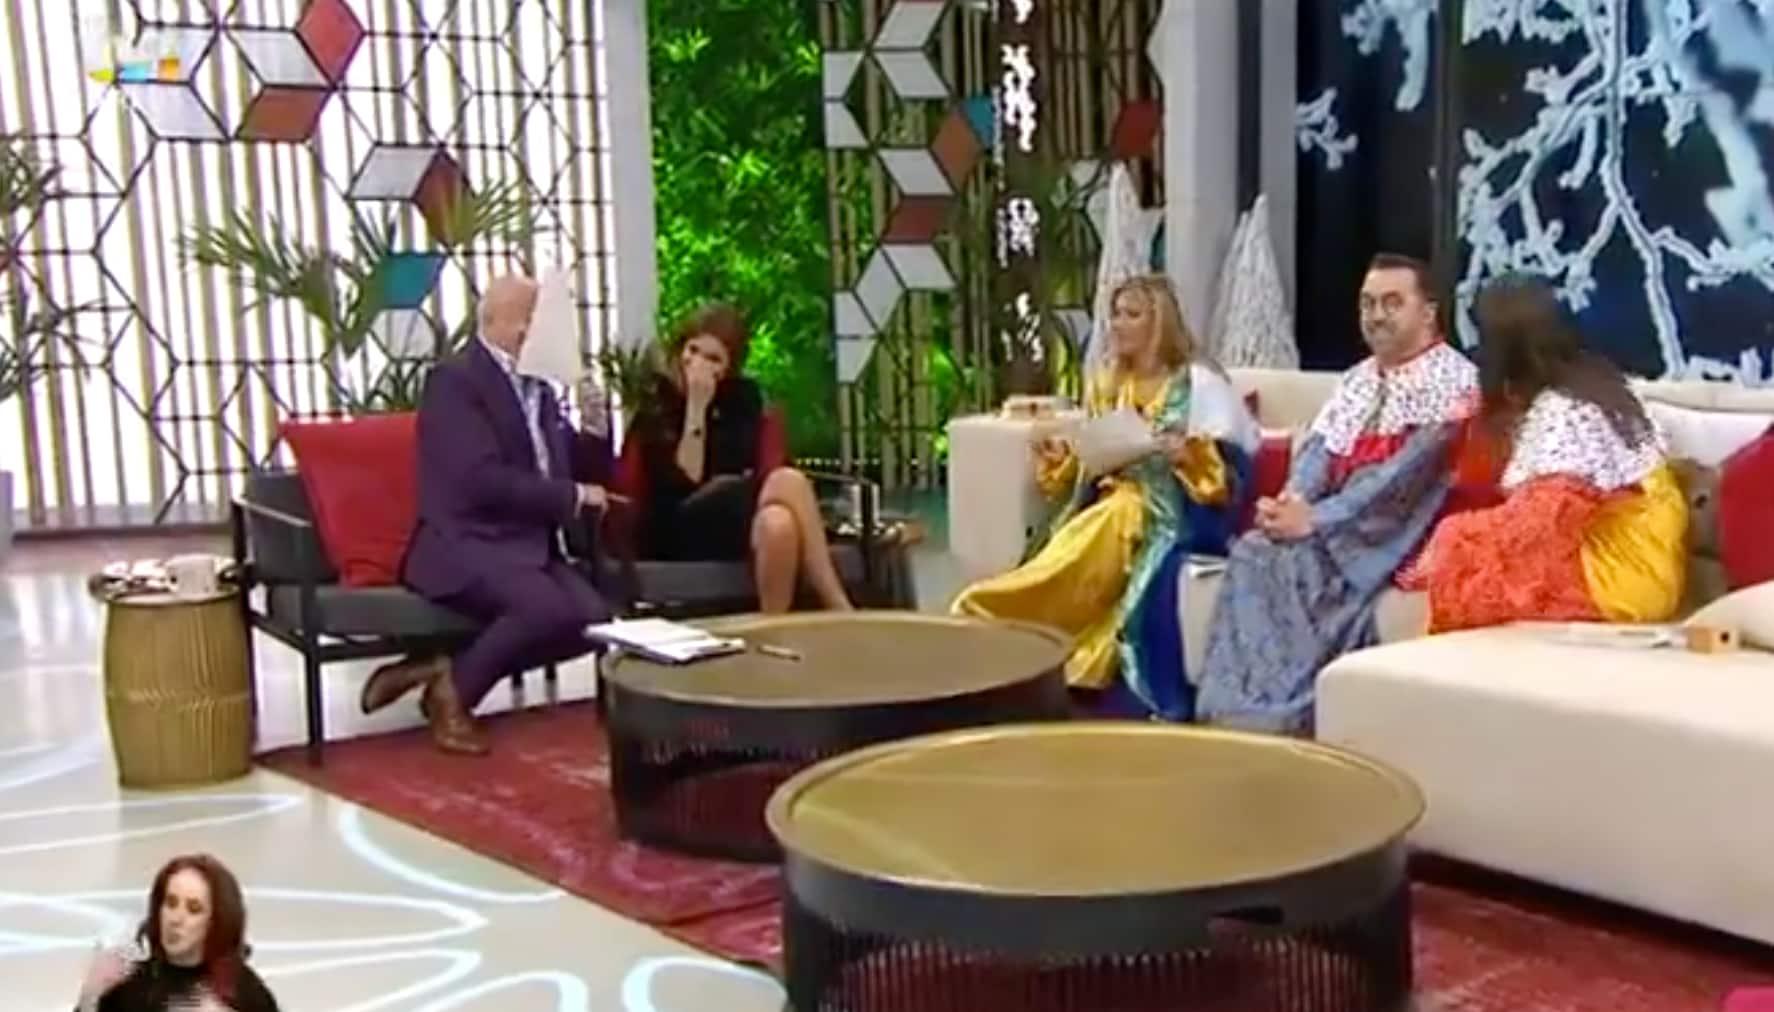 Voce Na Tv Cinha Jardim 'Goza' Com José Castelo Branco No 'Você Na Tv'